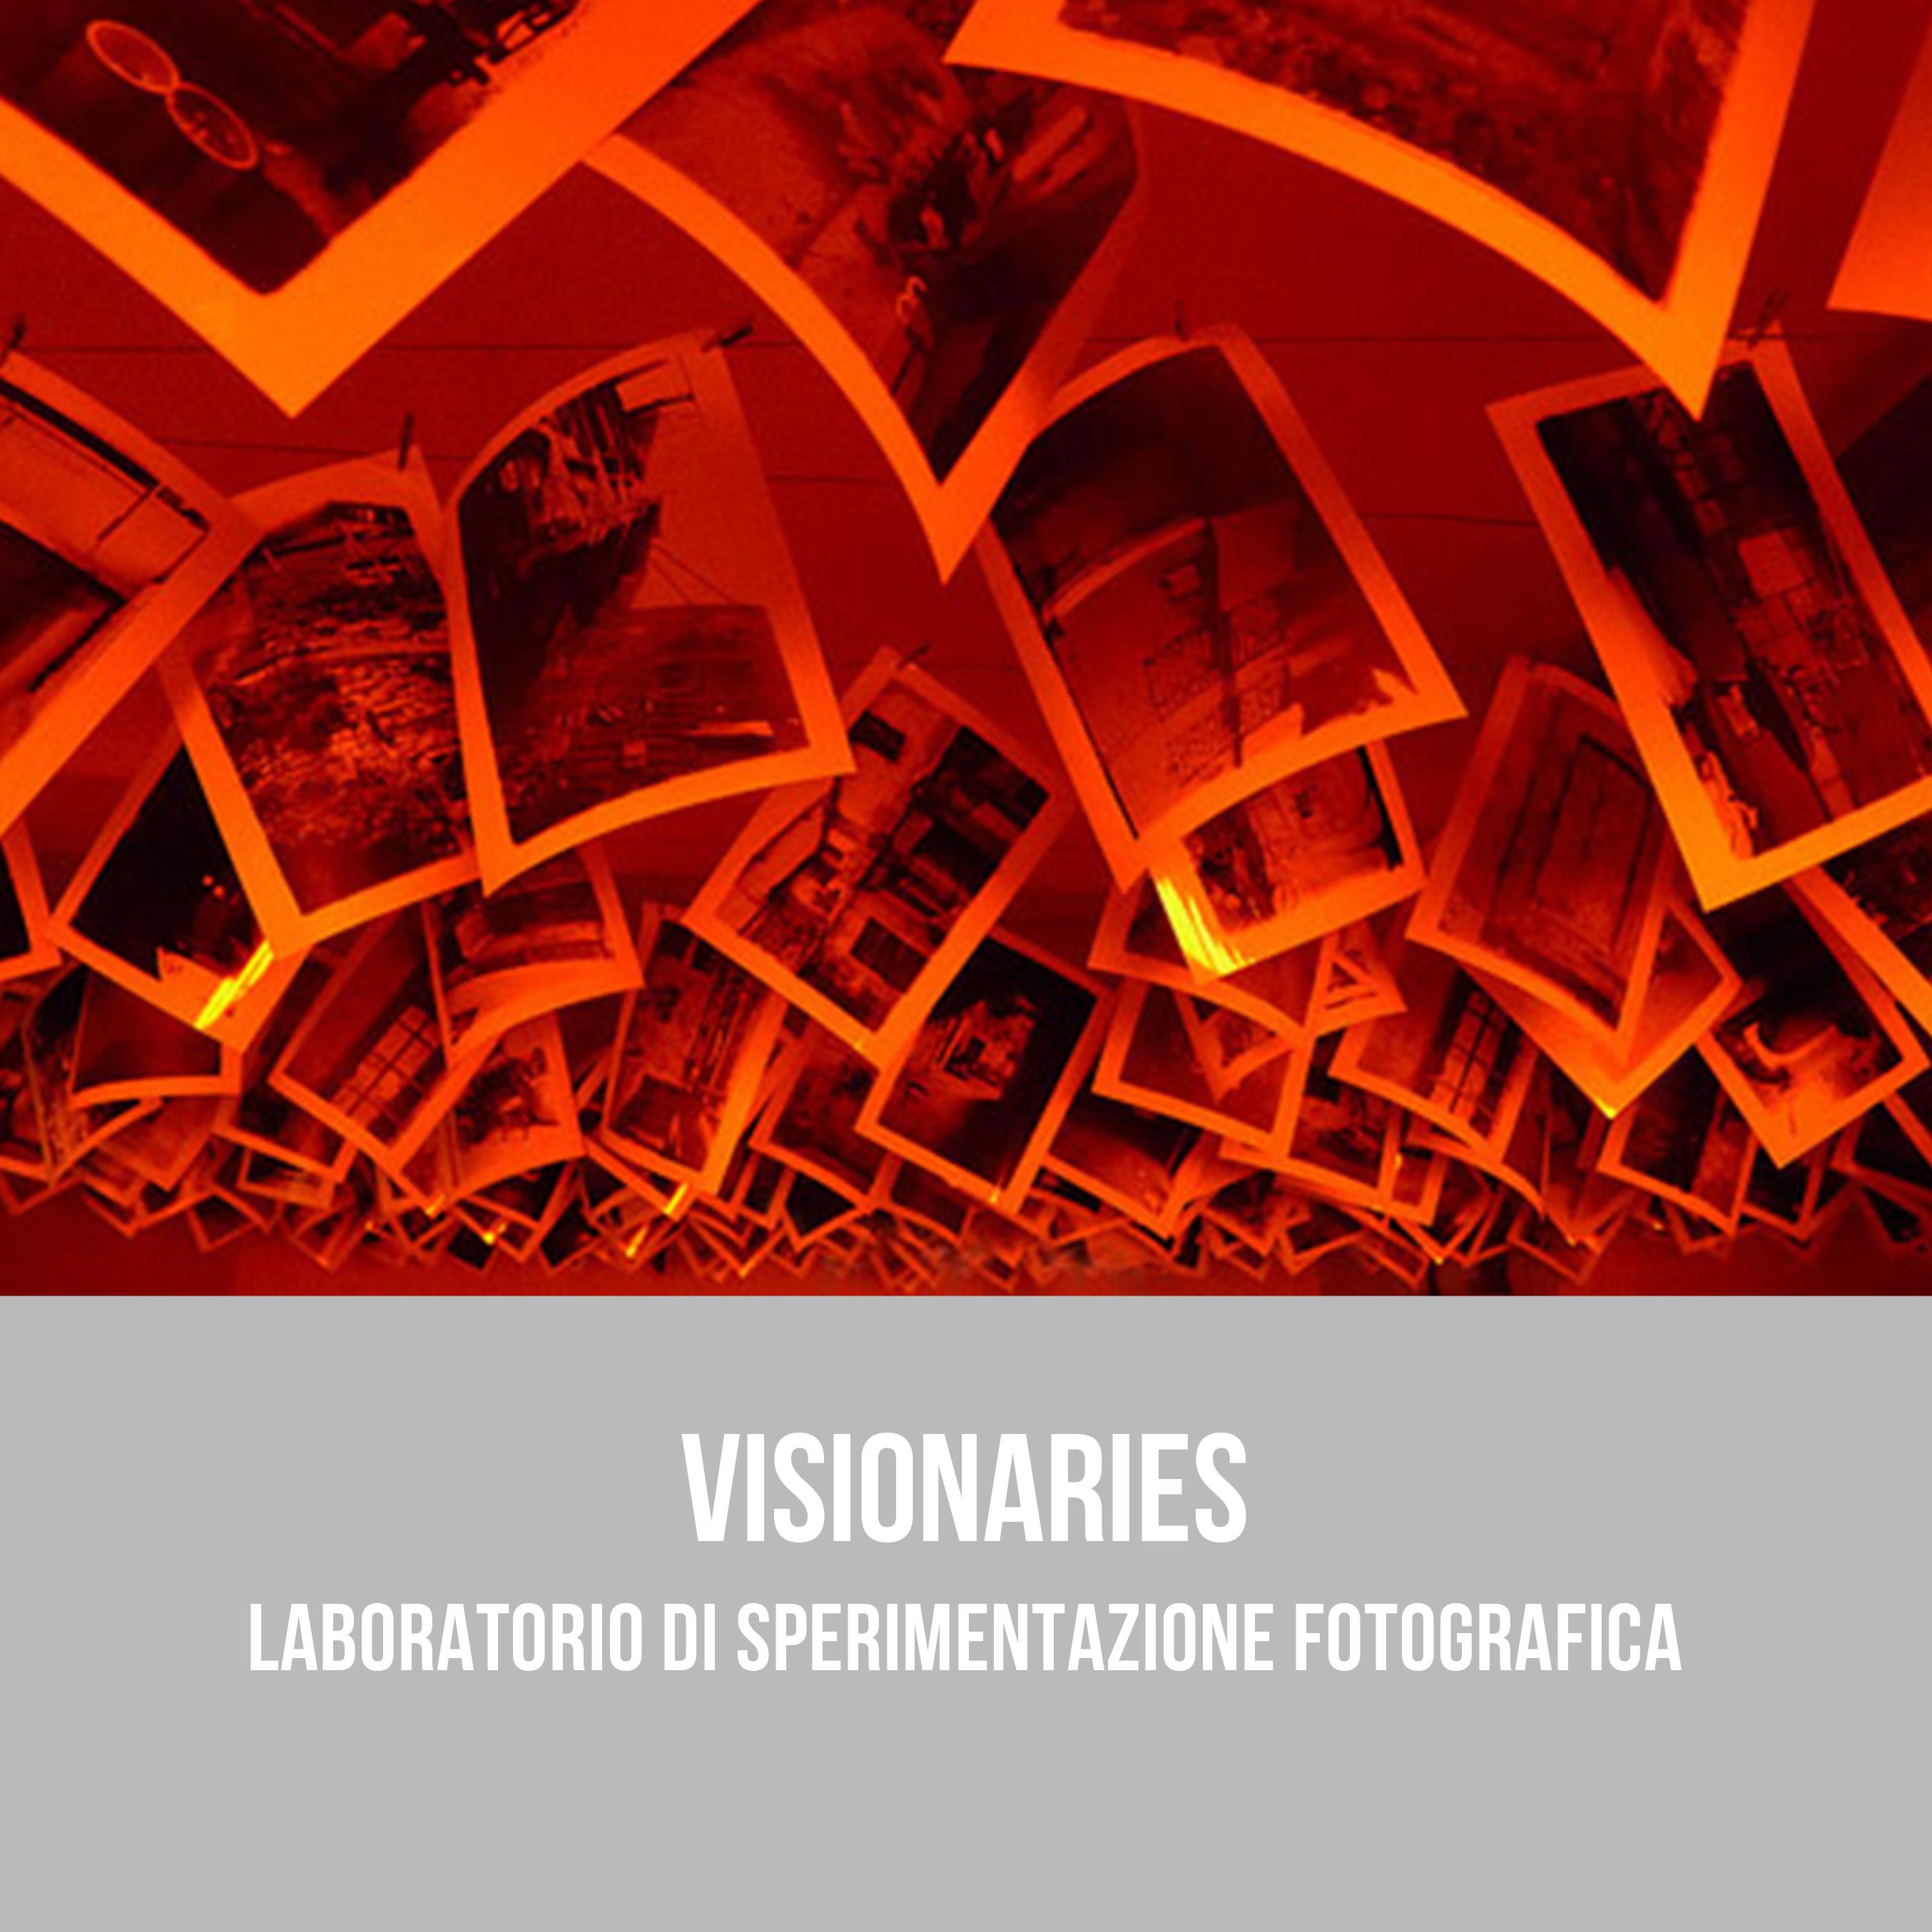 VISIONARIES - Laboratorio di sperimentazione fotografica